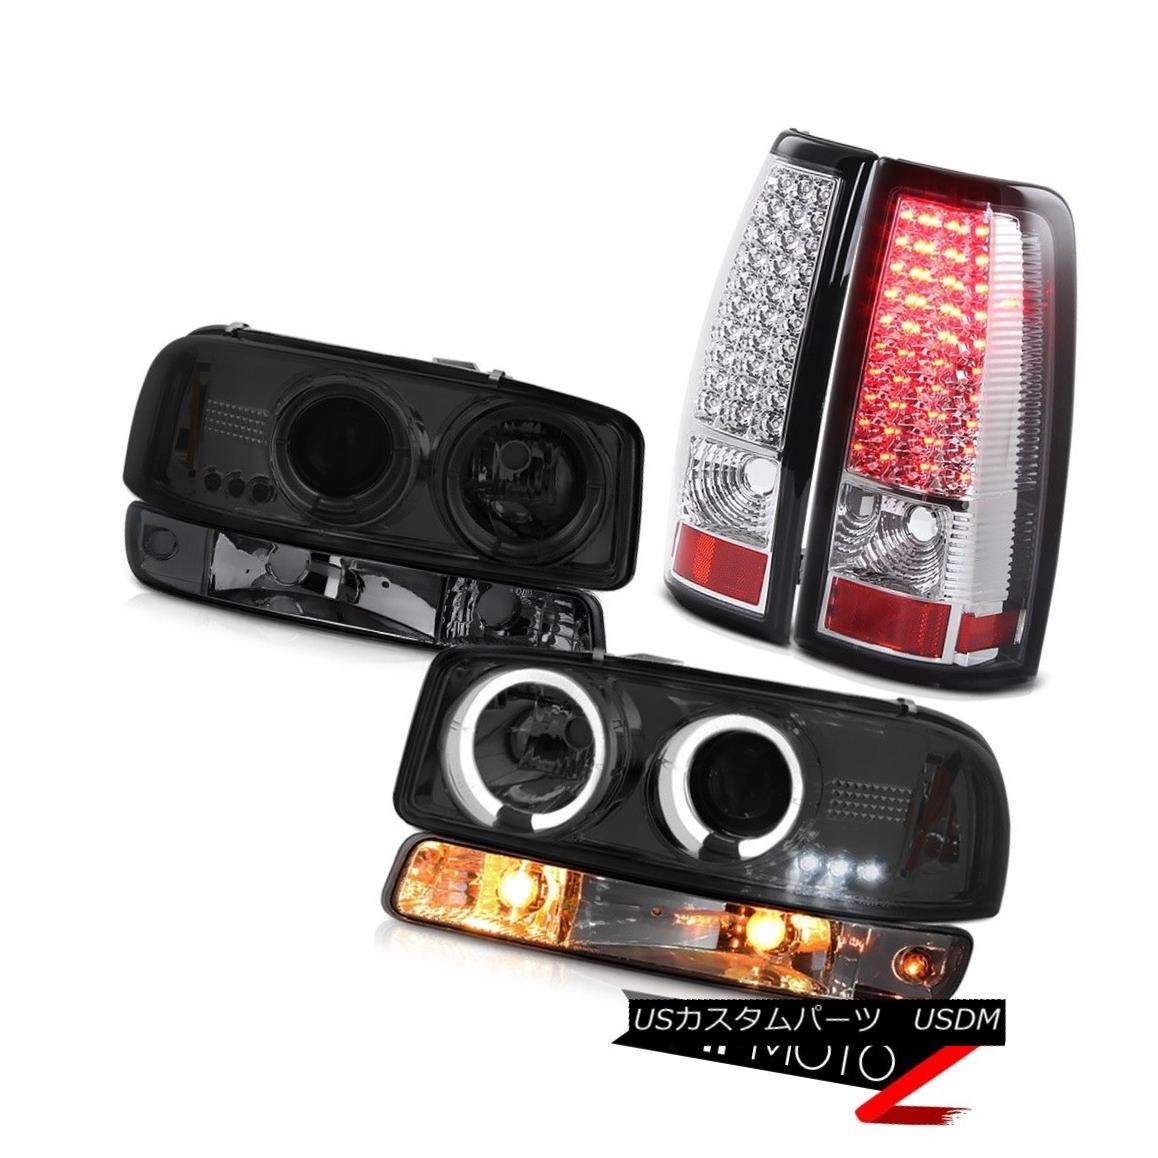 ヘッドライト 99-02 Sierra 3500HD SMD tail brake lamps smokey signal lamp projector headlights 99-02シエラ3500HD SMDテールブレーキランプスモーシグナルランププロジェクターヘッドライト